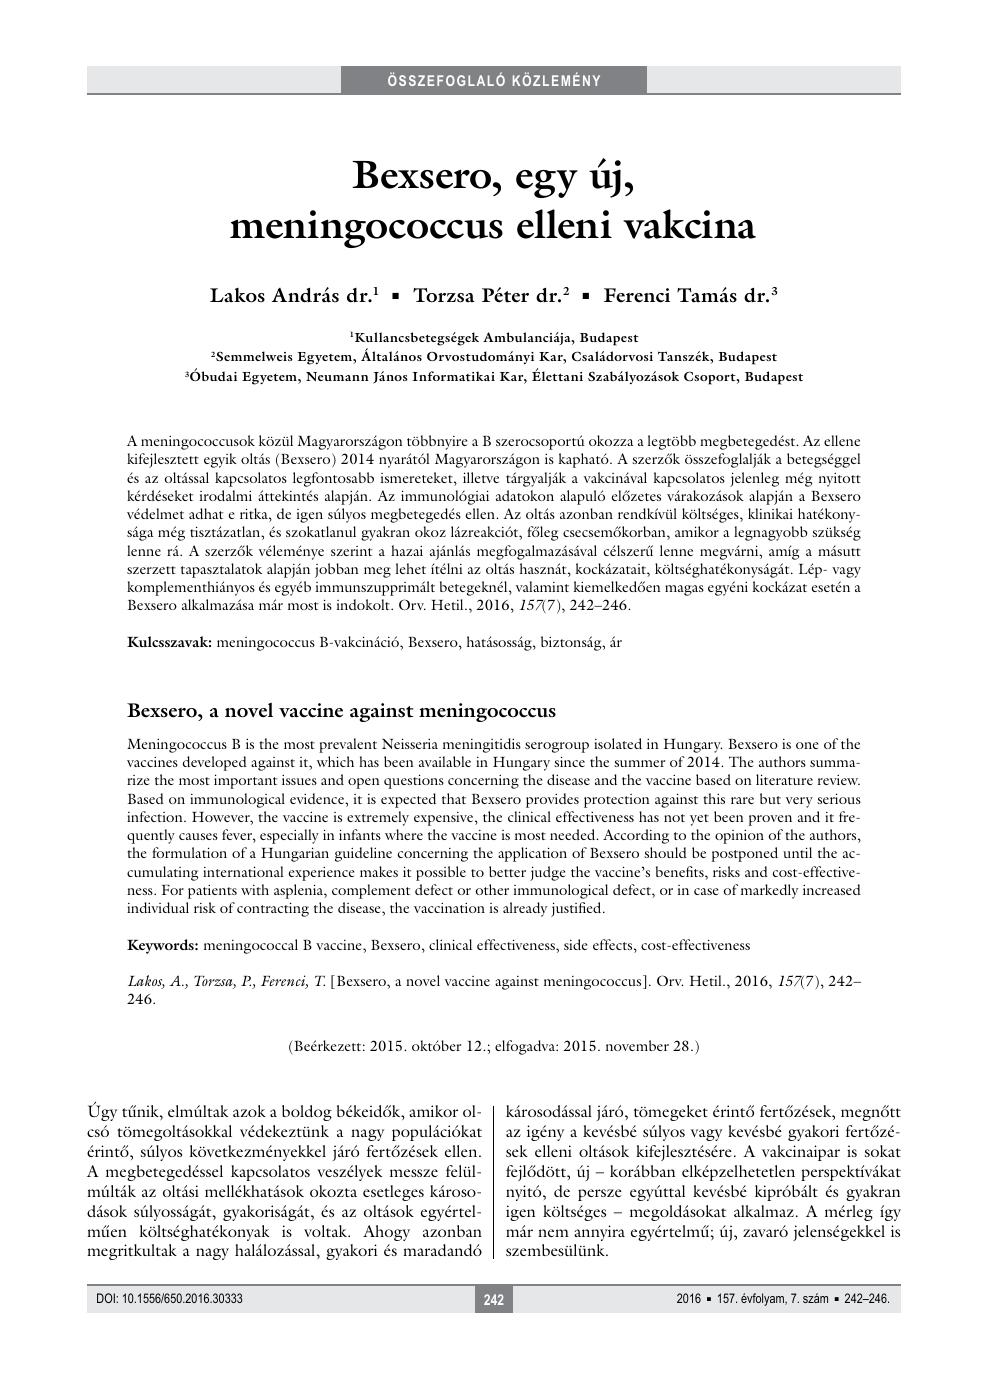 a humán papillomavírus elleni vakcina menetrendje)